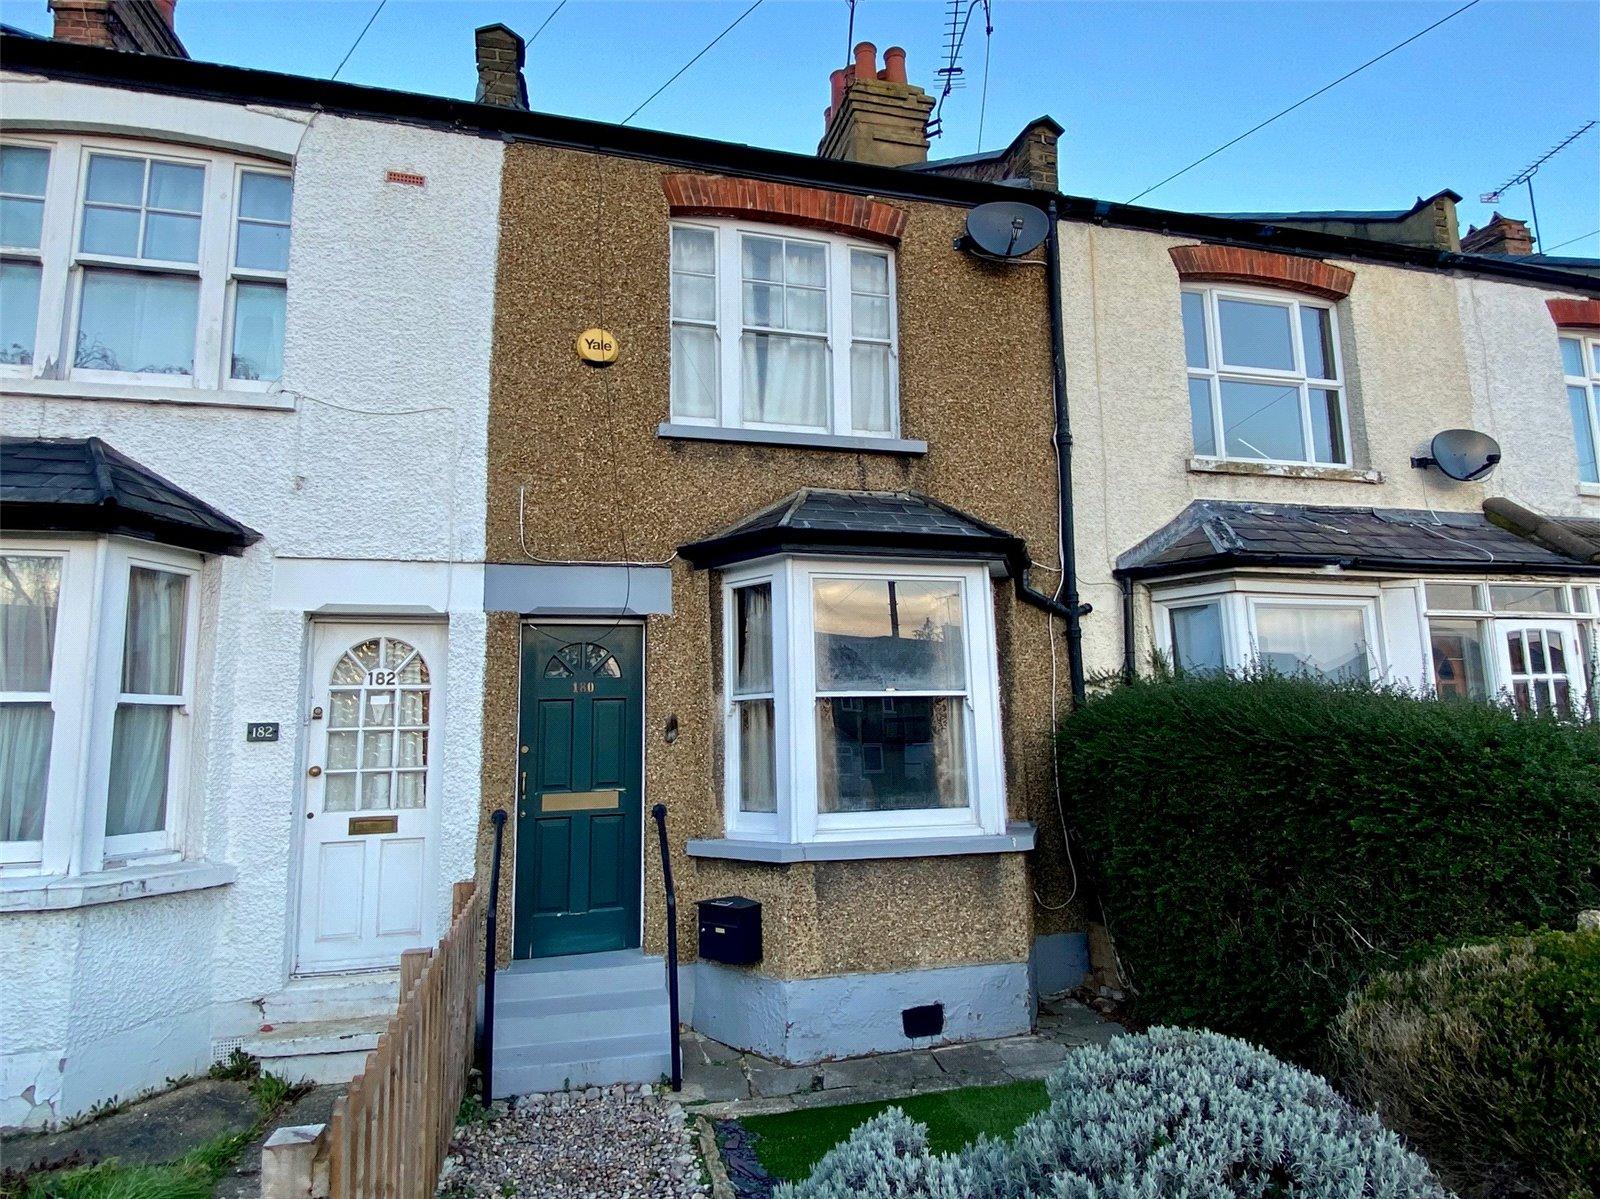 2 bed house to rent in Barnet, EN5 2LT - Property Image 1